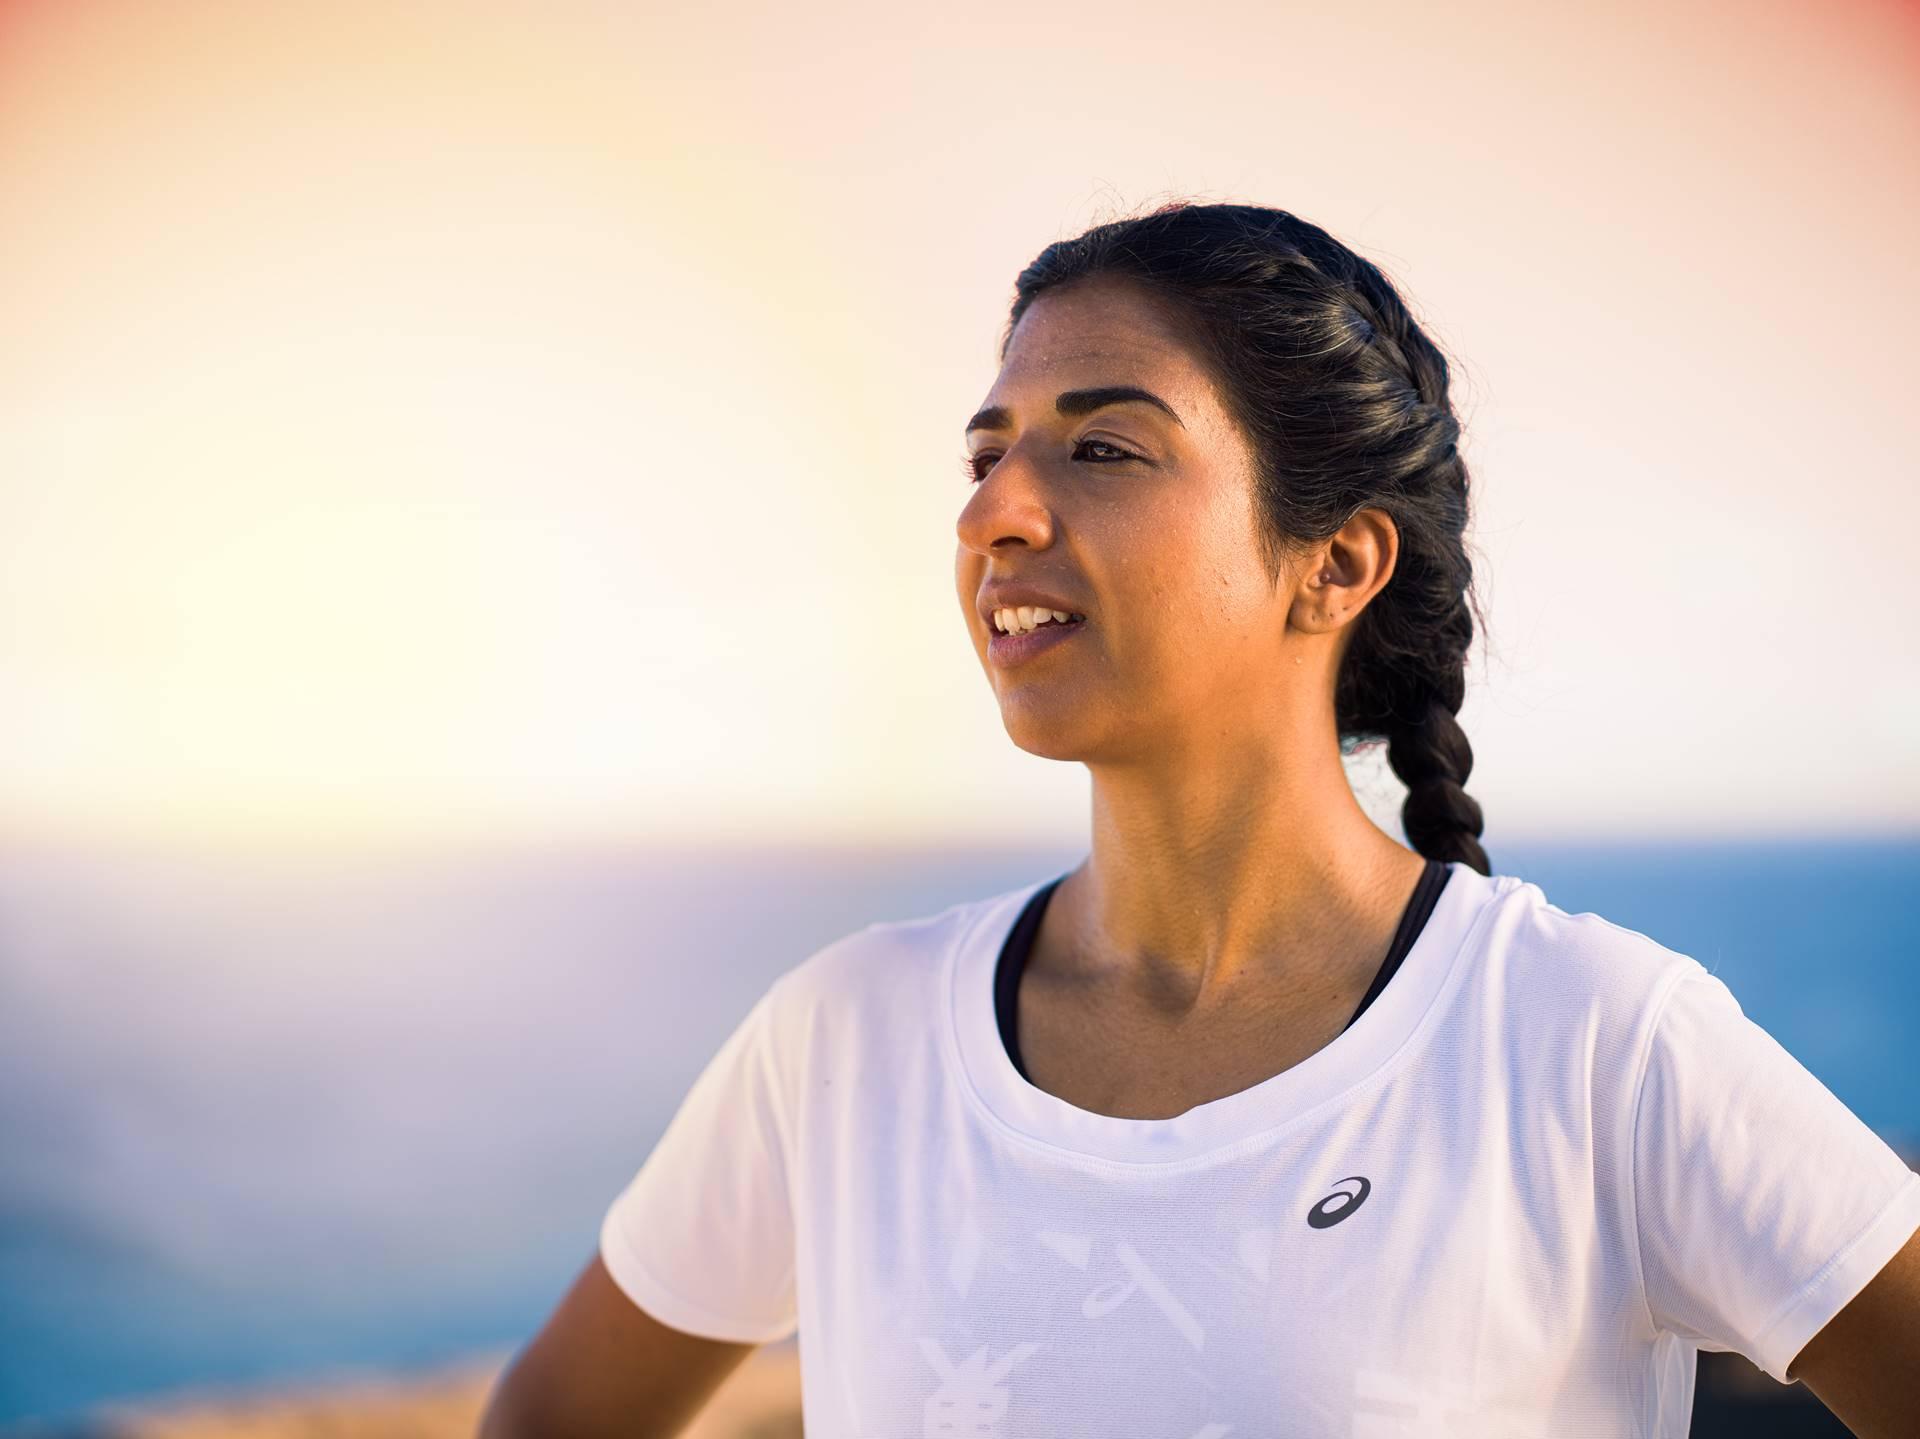 Futás napfelkeltében - segíts magadon és másokon-7